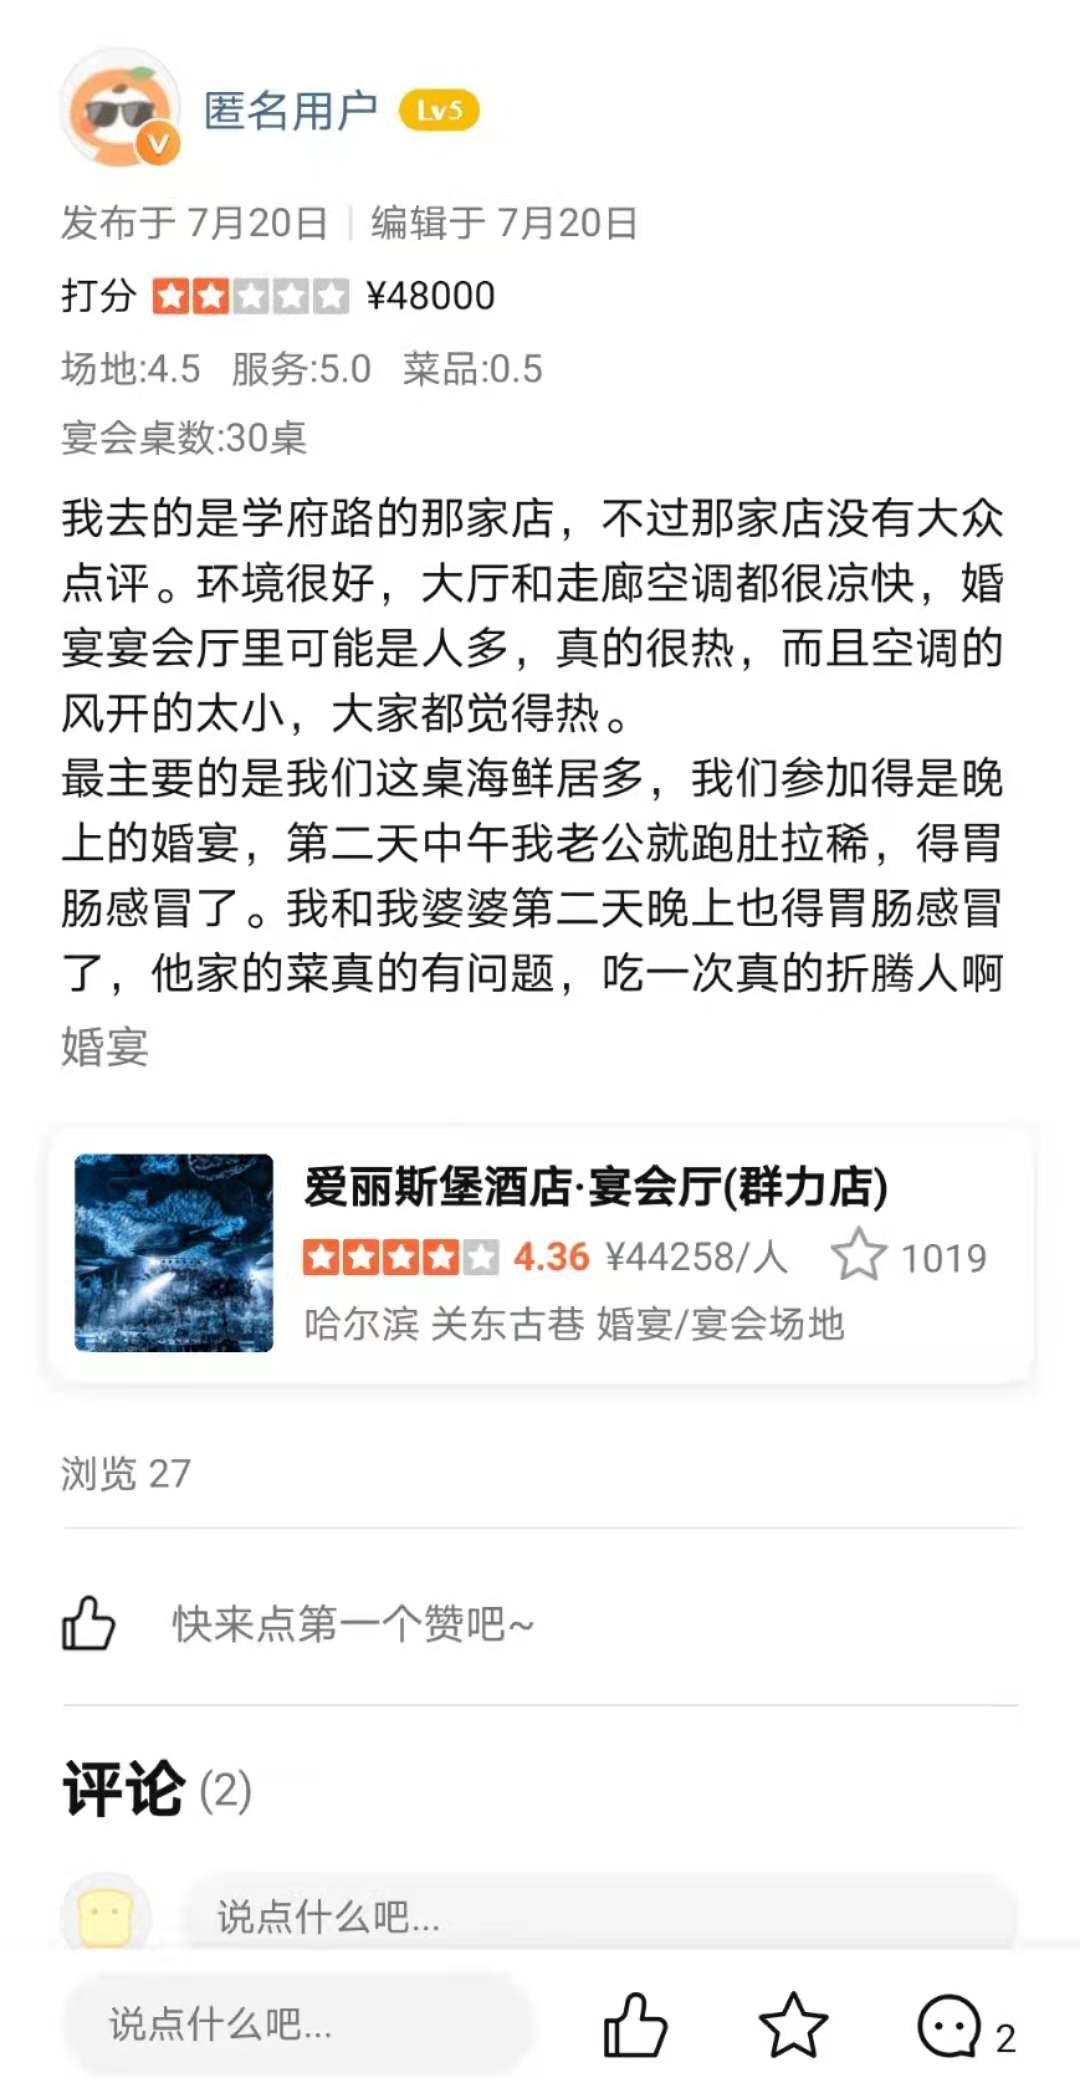 食物中毒怎么办?继鸡西食物中毒后,哈尔滨再发生百人集体食物中毒事件